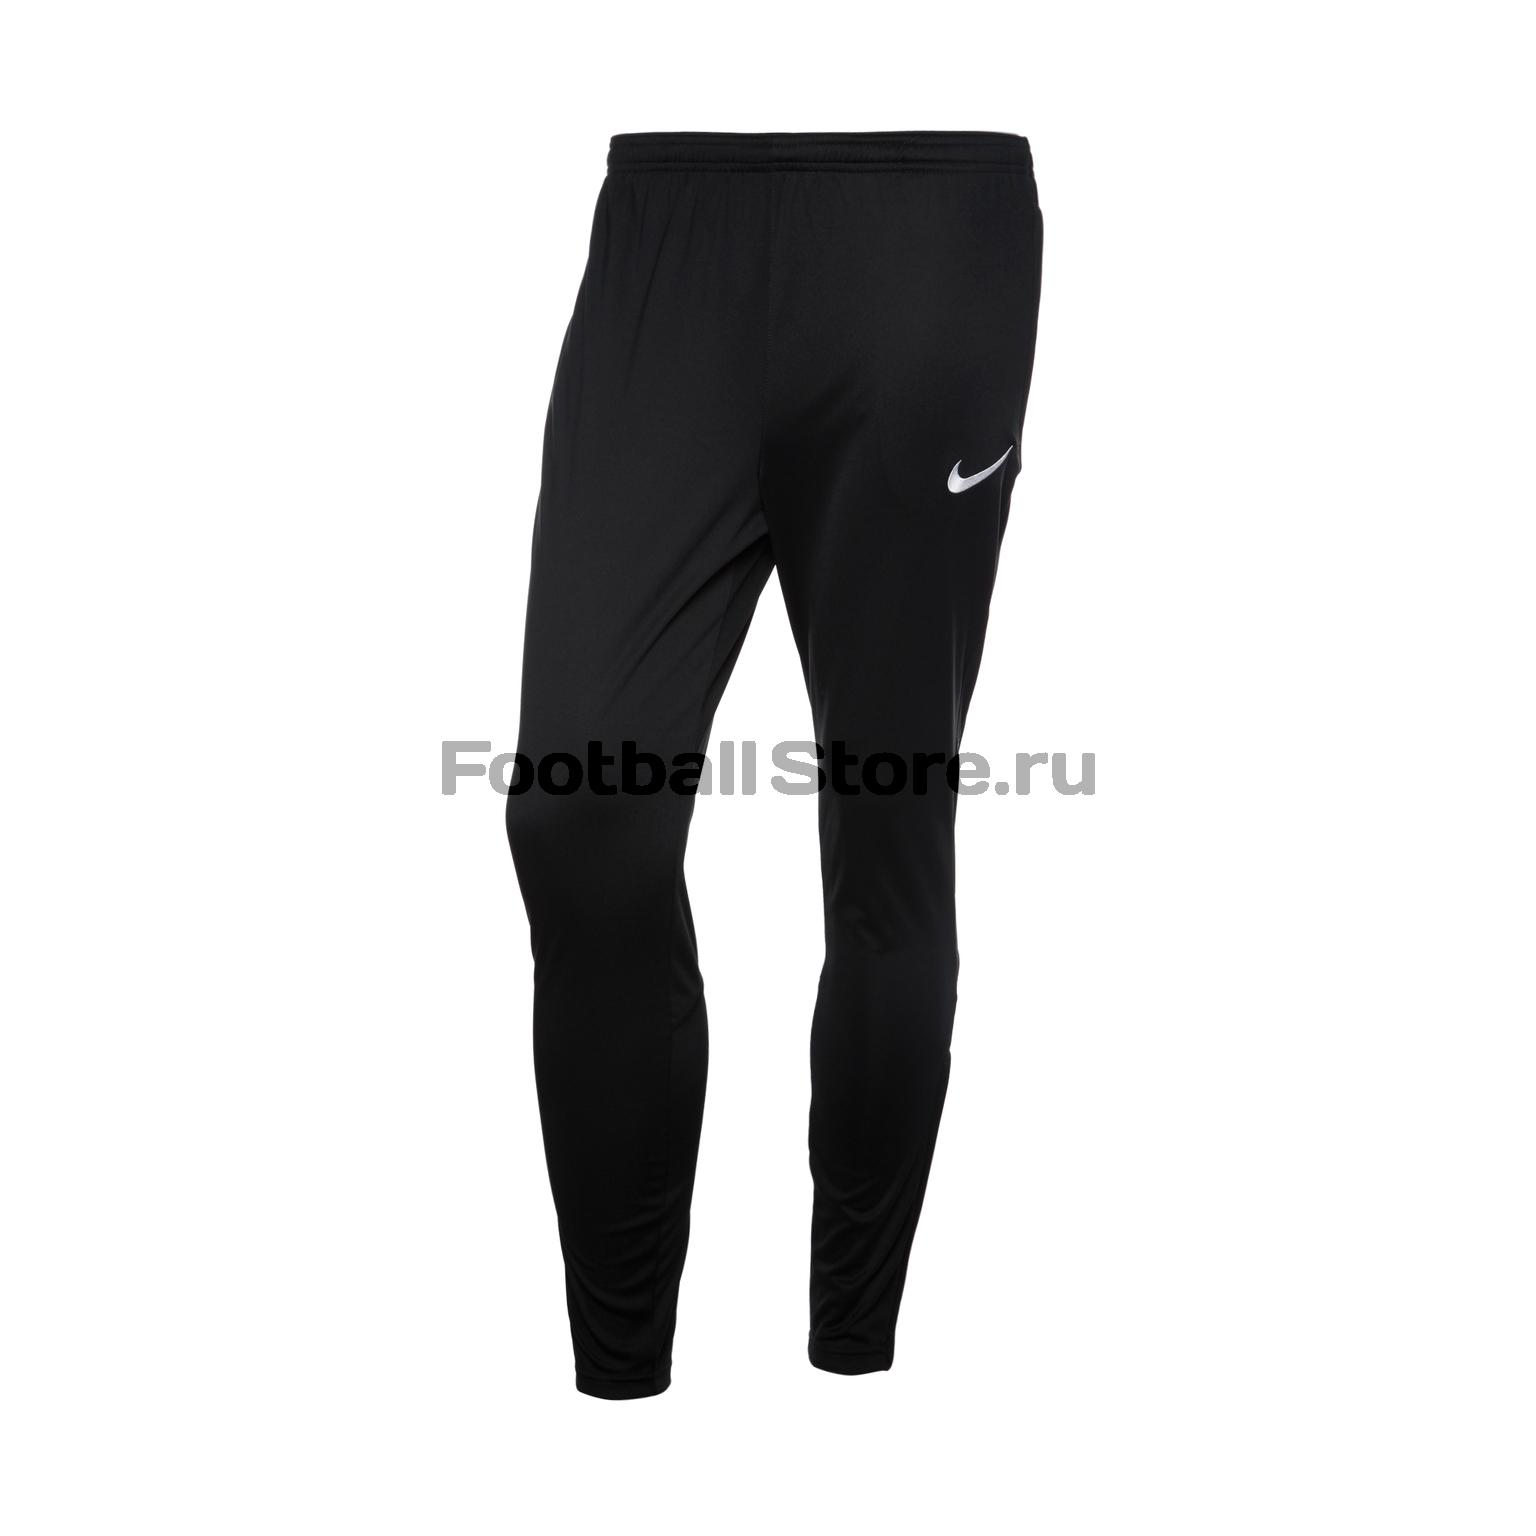 Брюки тренировочные Nike Dry Academy18 Pant 893652-010